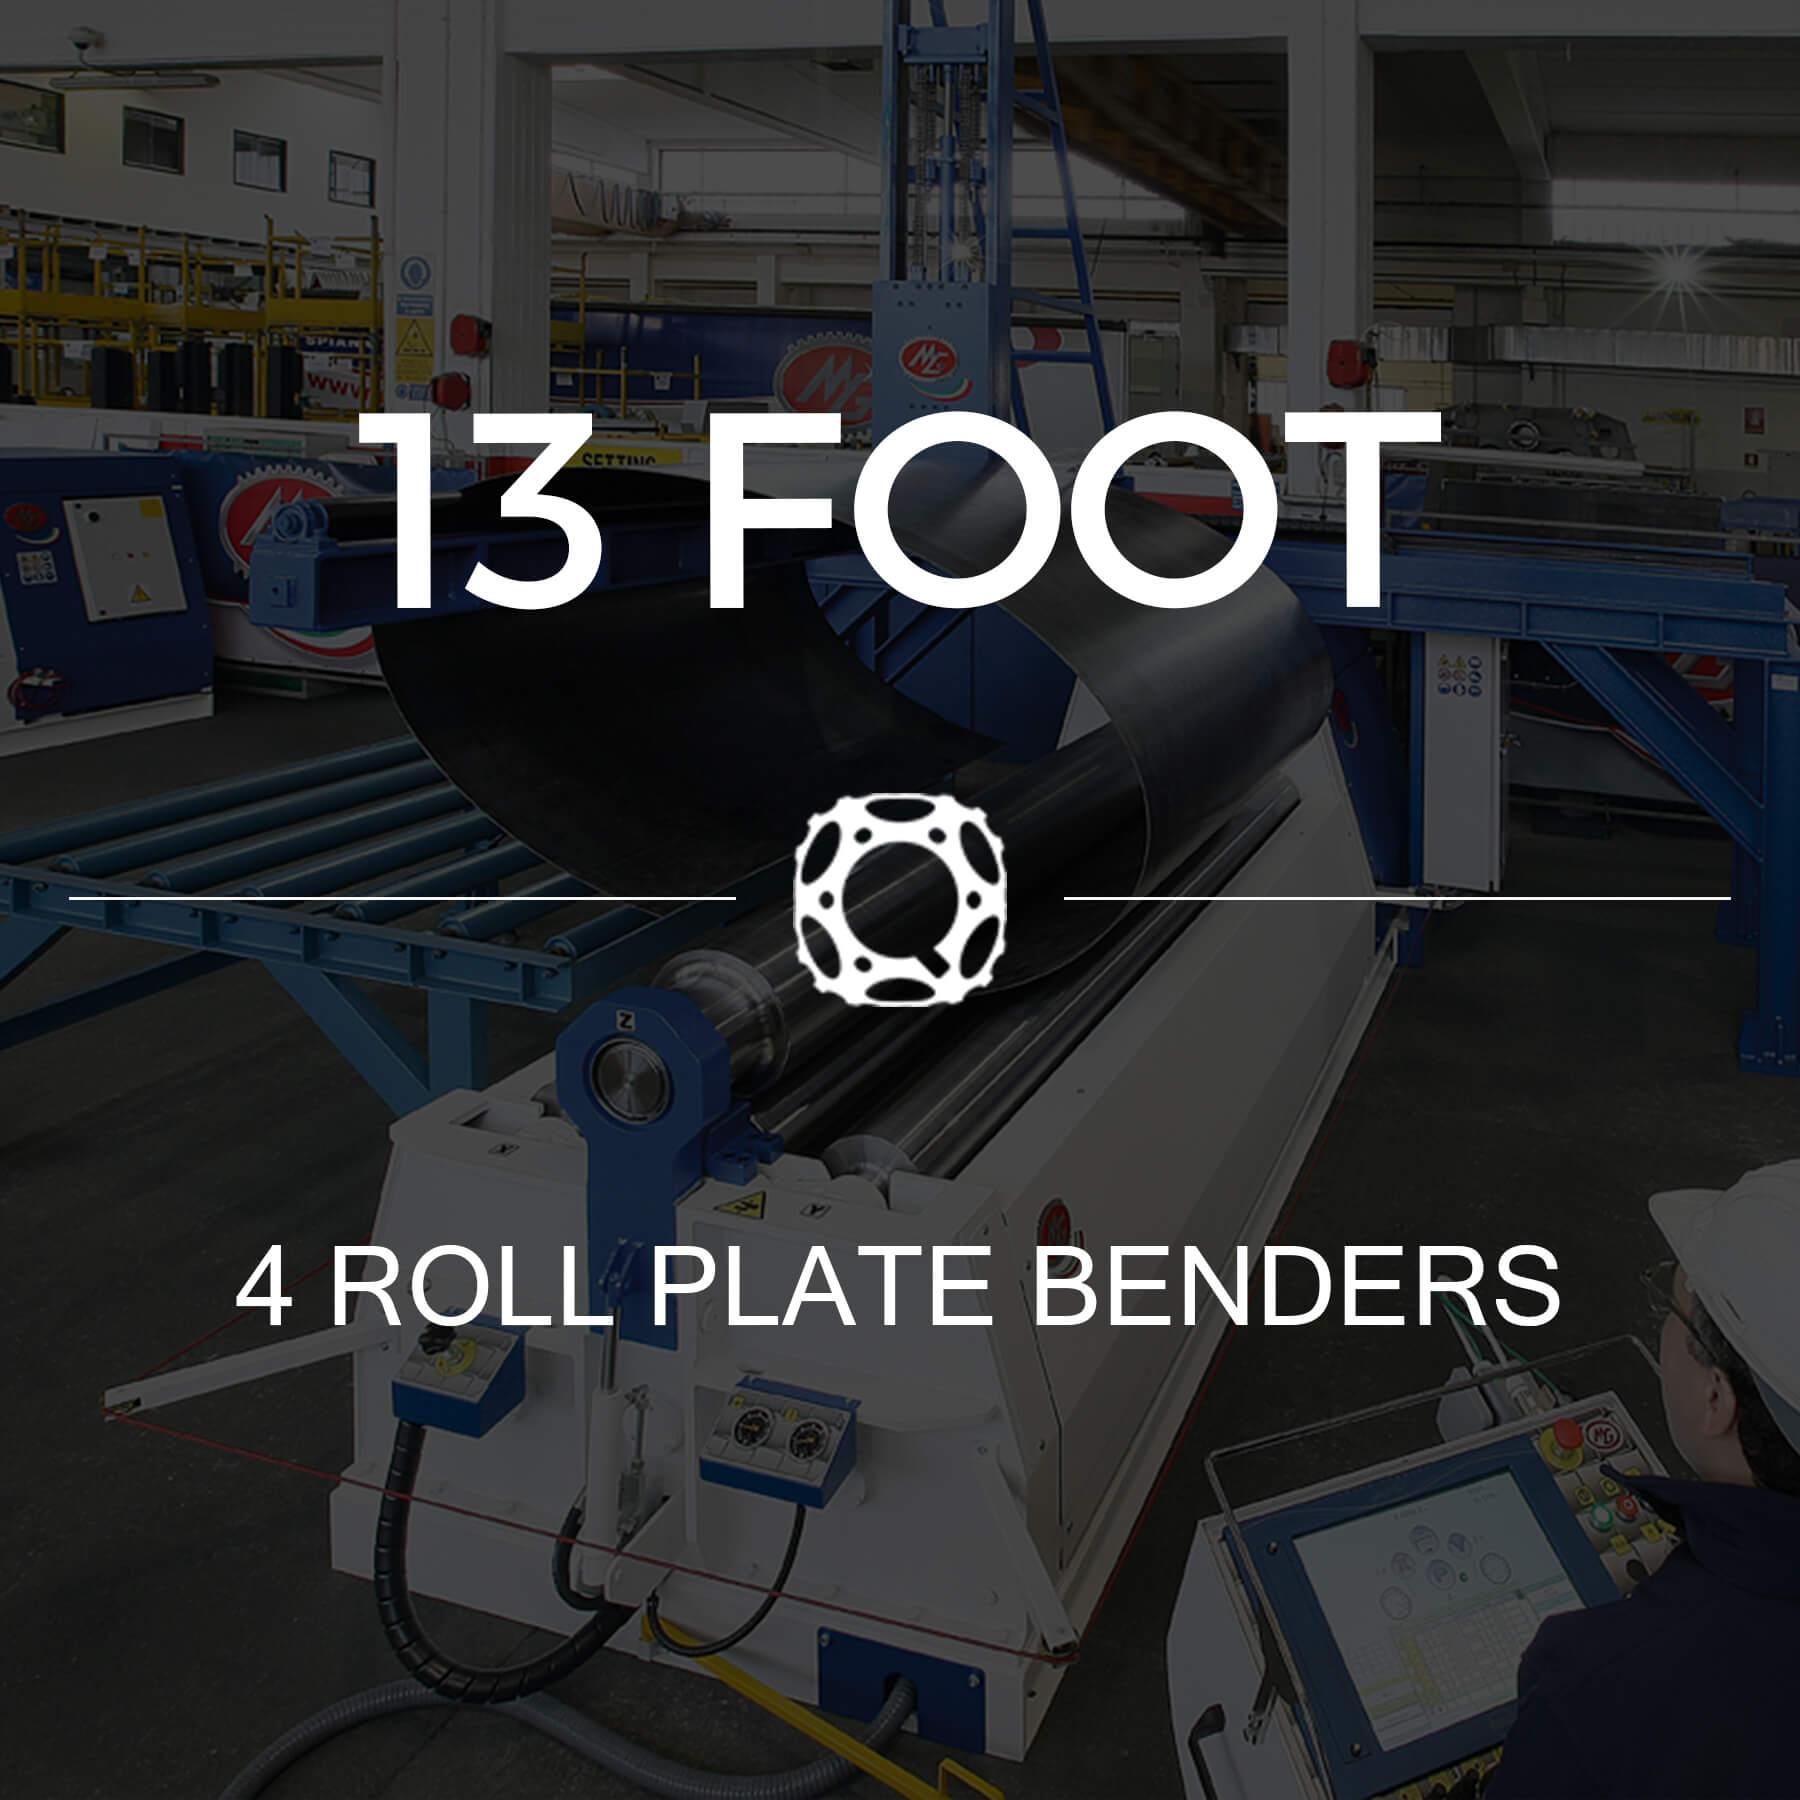 https://www.platebenders.com/4-rolls-working-lengths/13-foot-4-roll-plate-benders